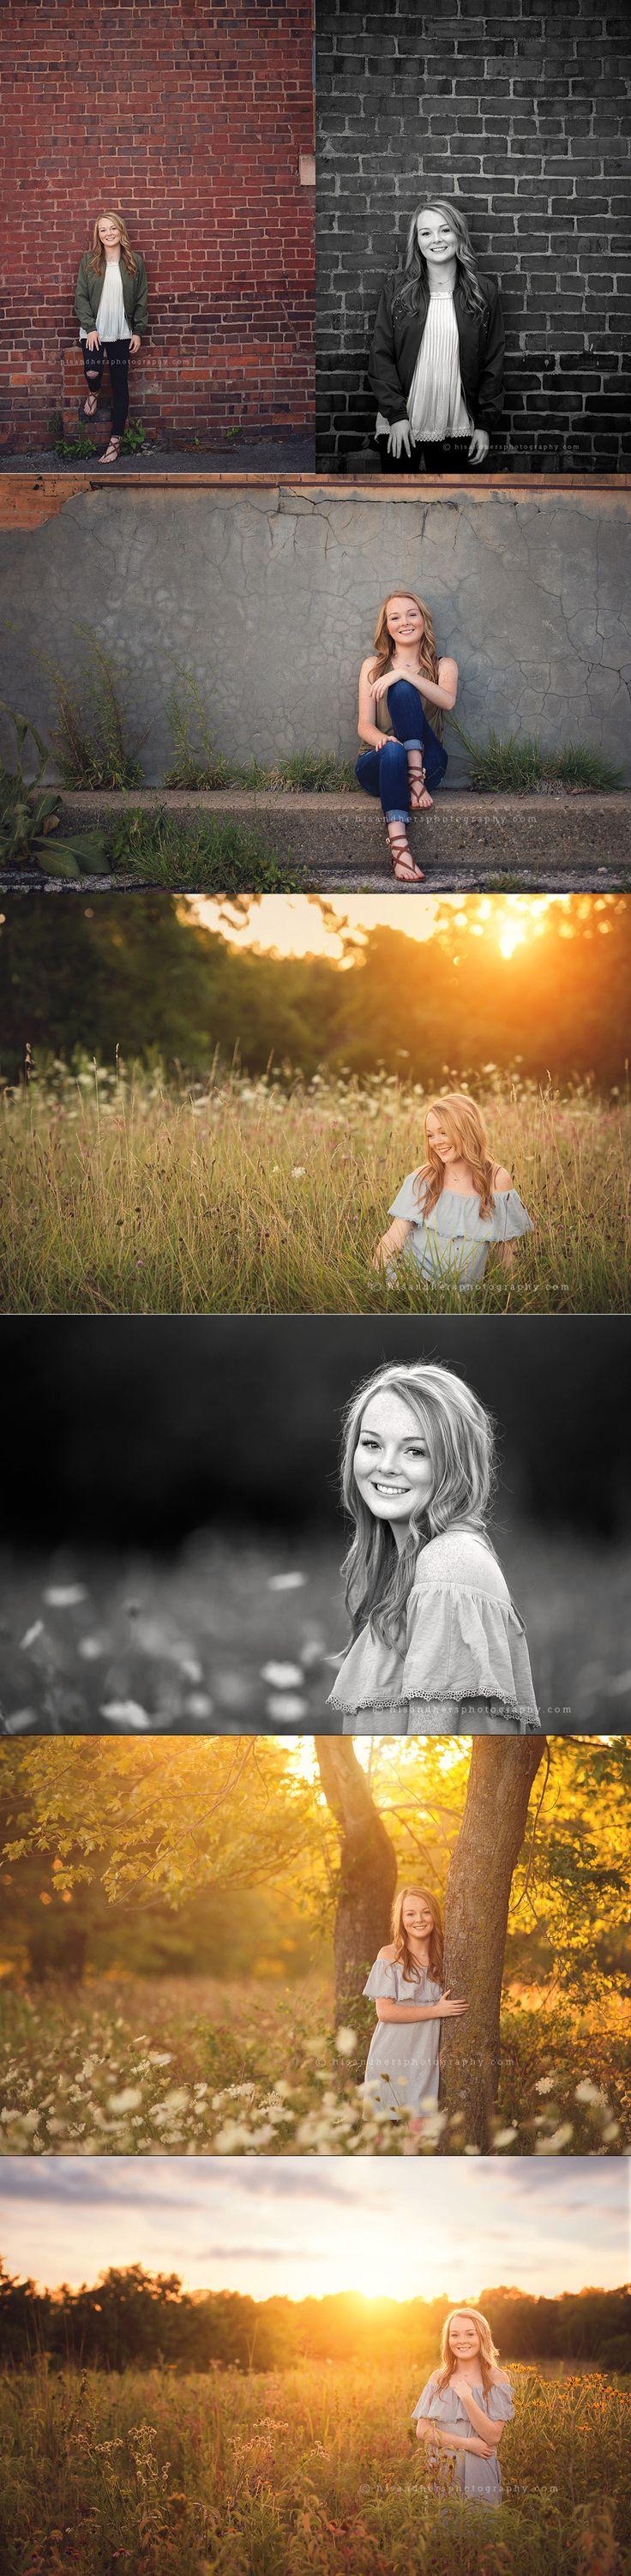 Des Moines, Iowa Photographer | senior portraits, senior pictures, class of 2018 graduation